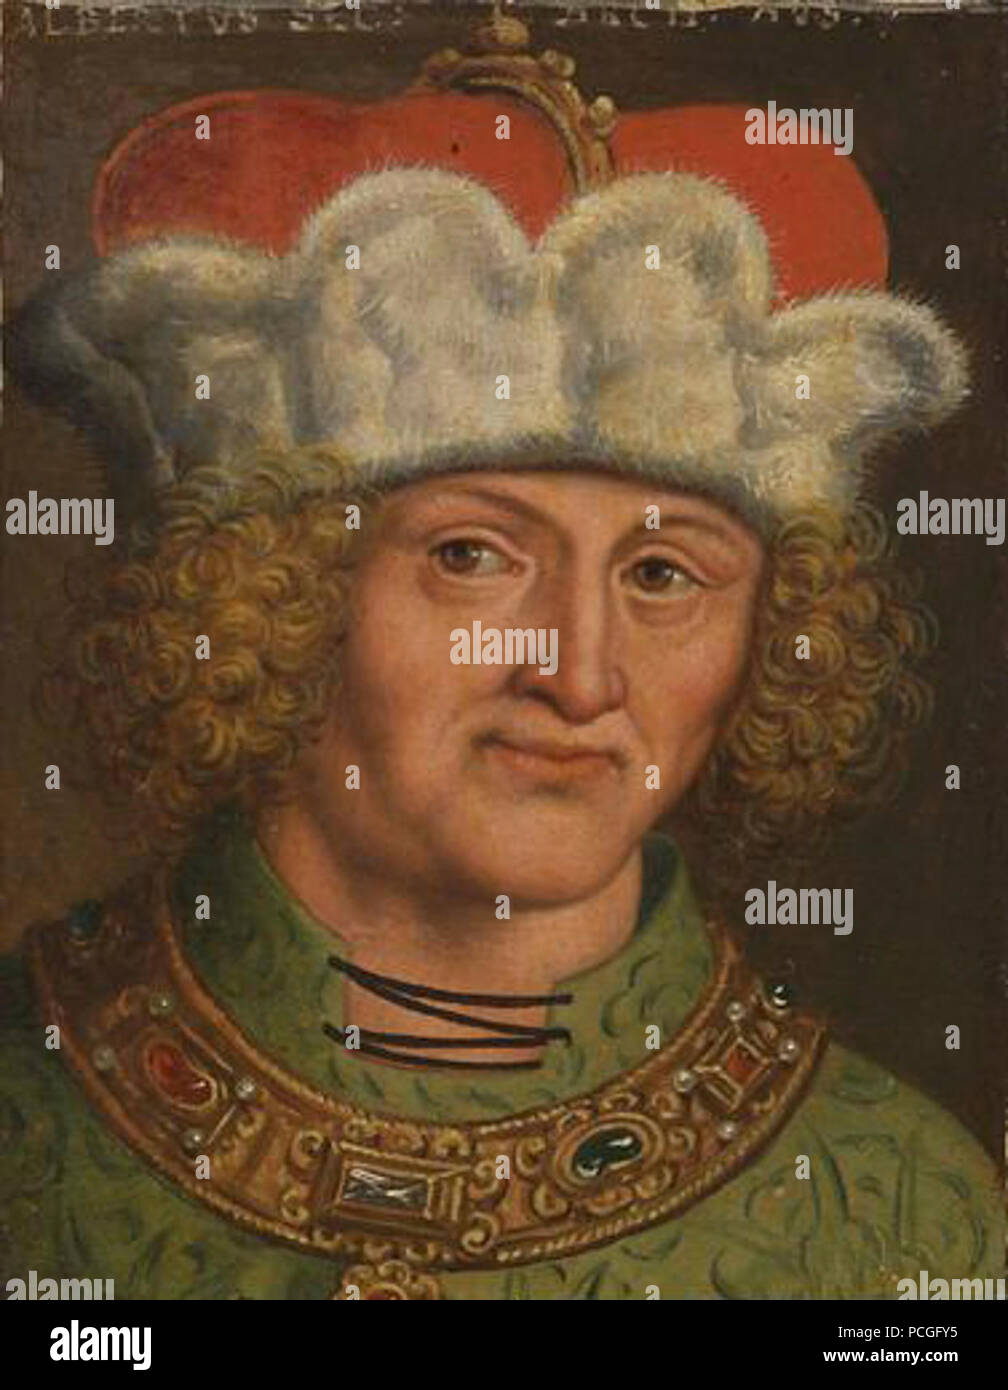 Albert VI, Archduke of Austria